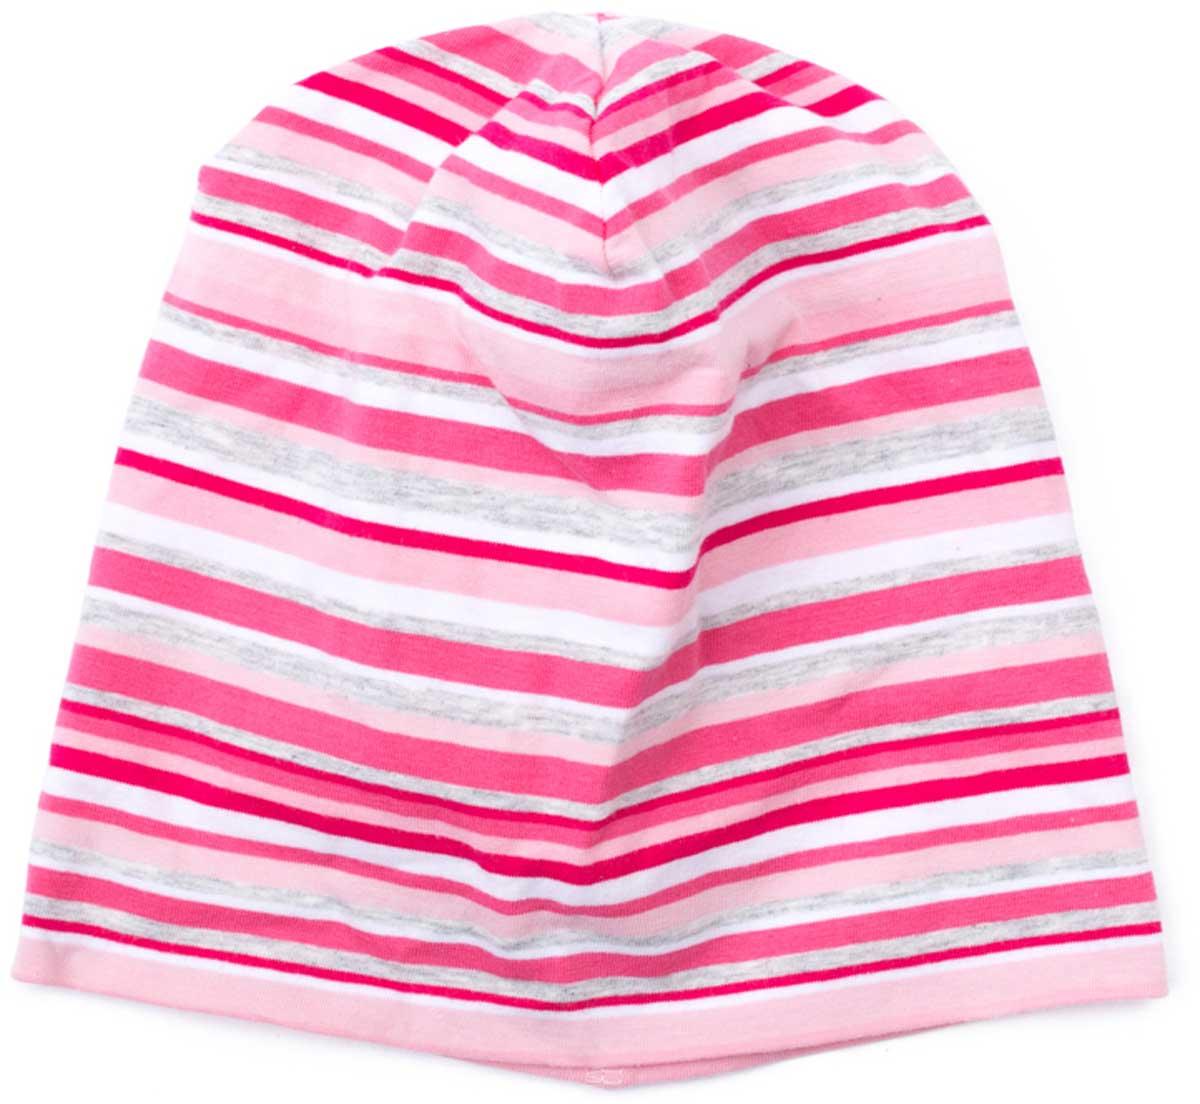 178036Шапка для девочки из трикотажа подойдет Вашему ребенку для прогулок в прохладную погоду. Модель без завязок, плотно прилегает к голове, комфортна при носке.Преимущества: Плотно прилегает к головеШапка без завязок